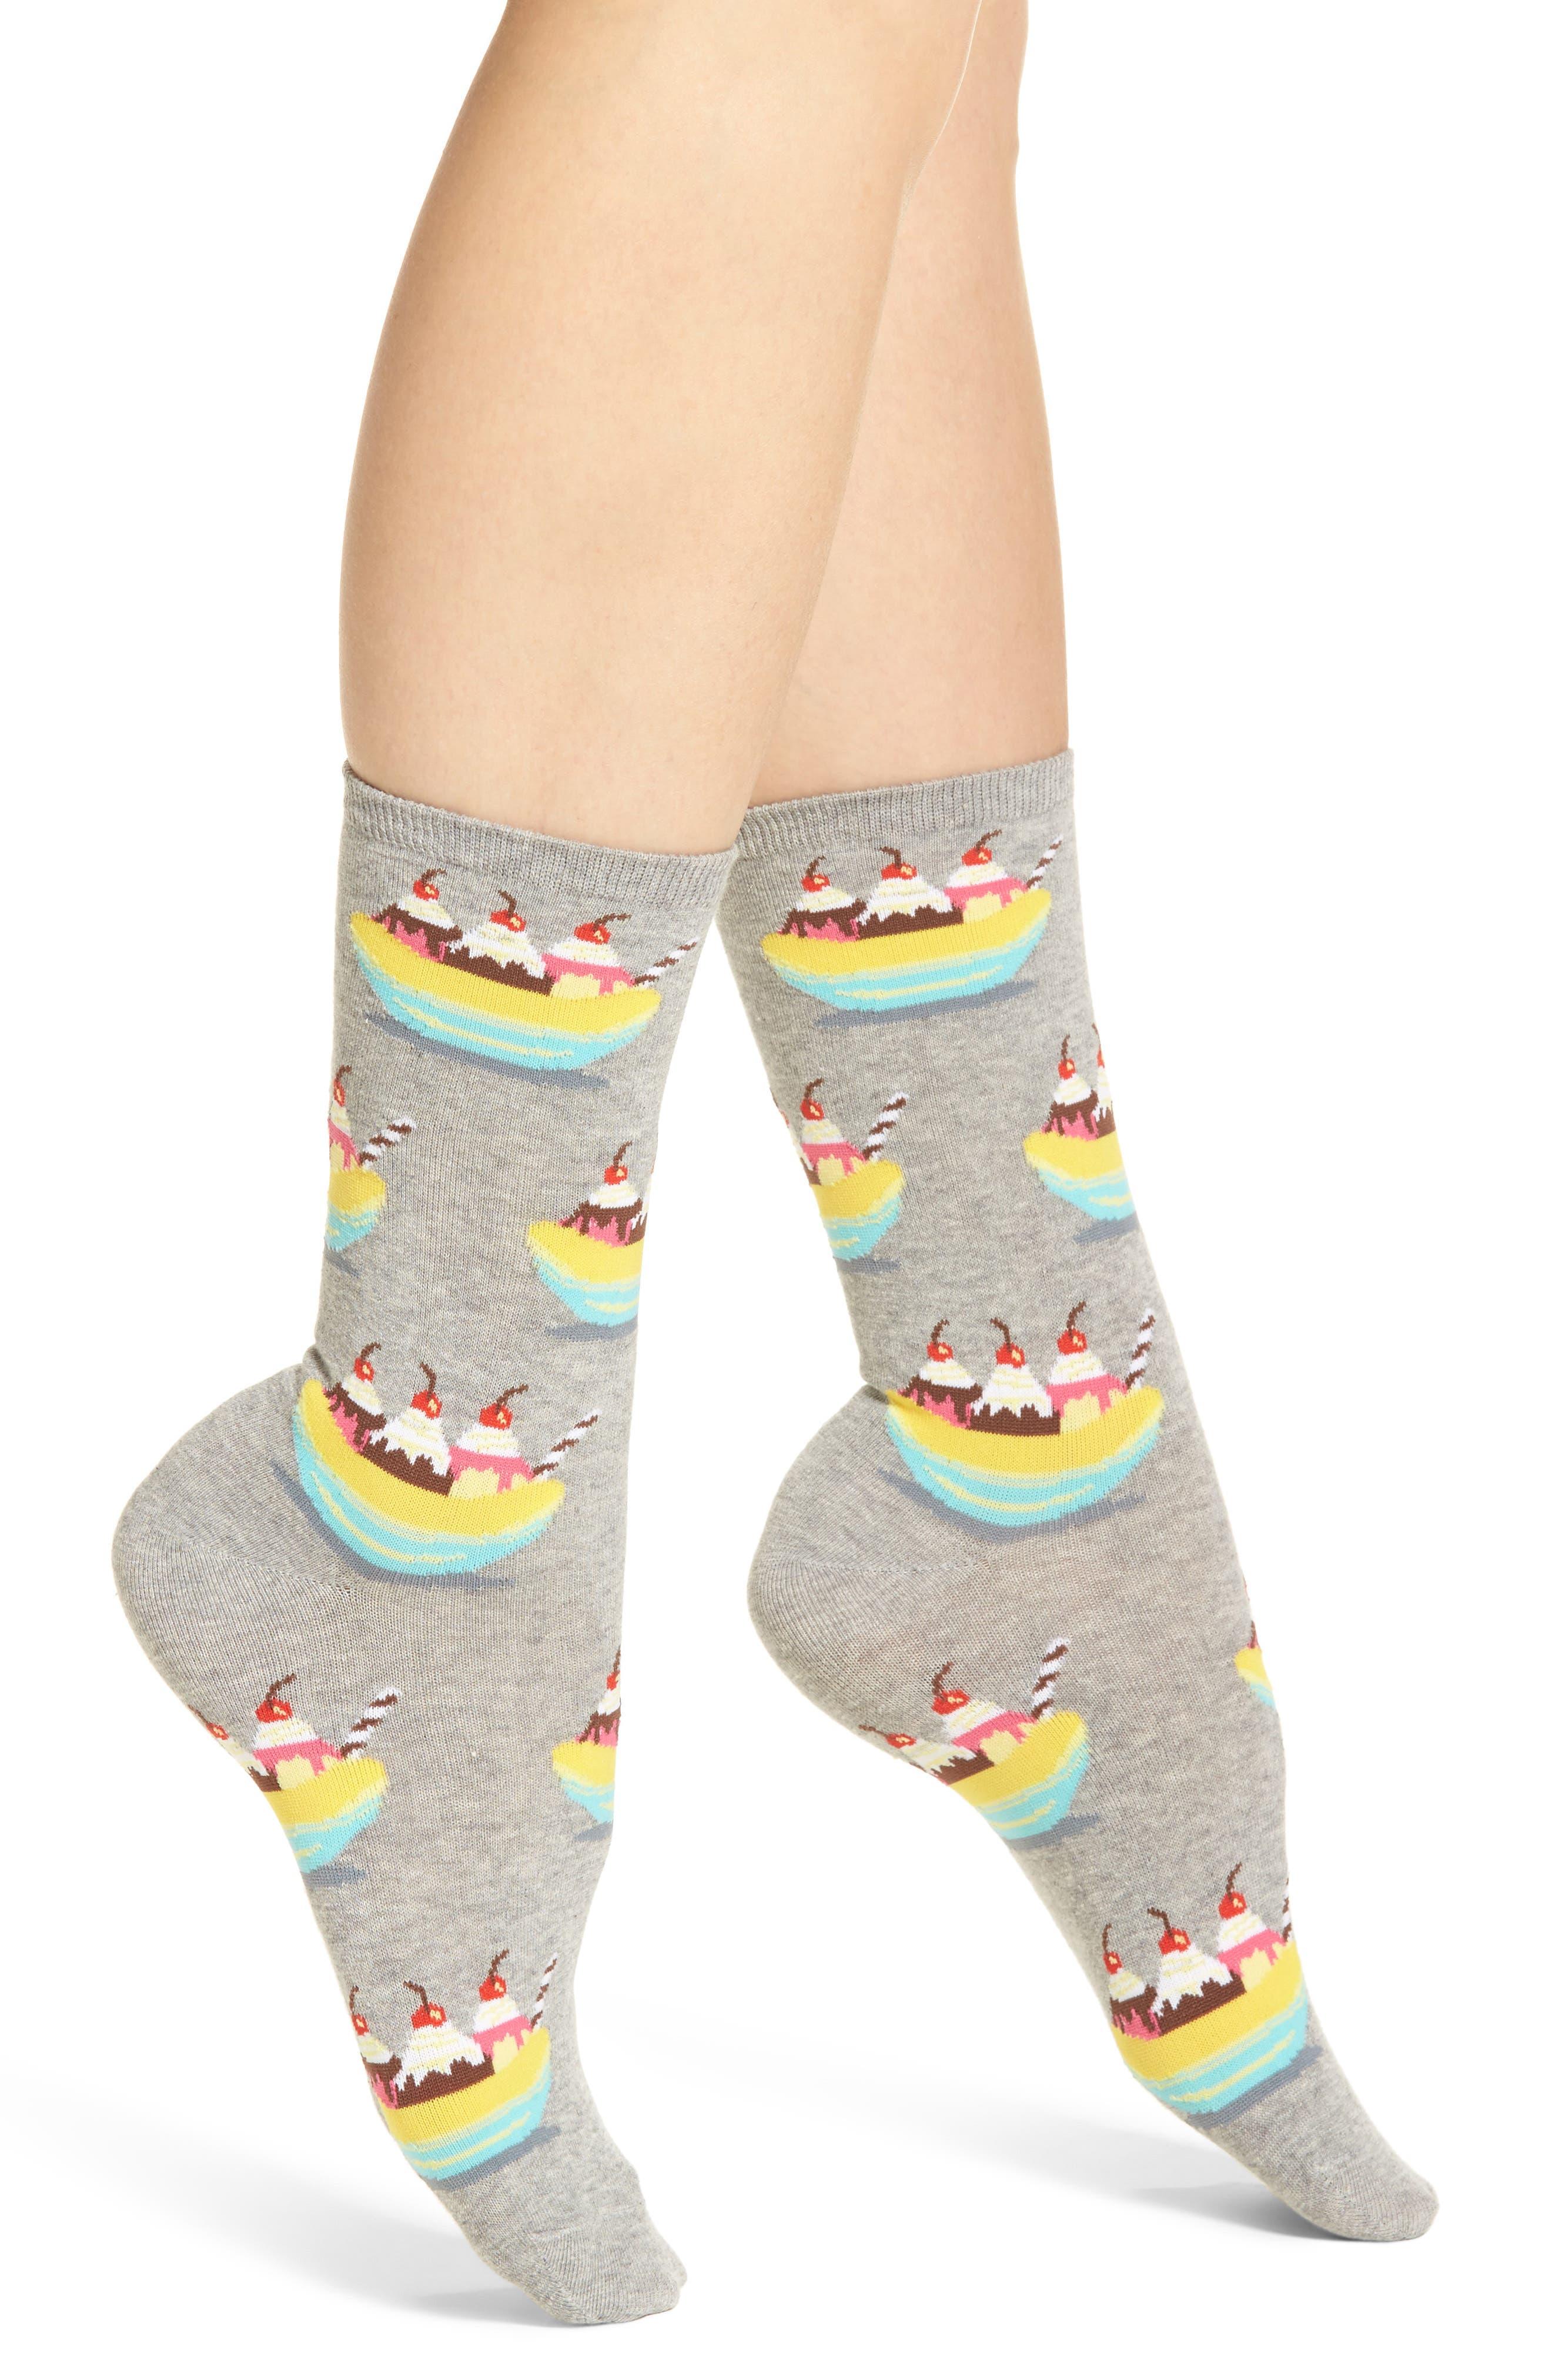 Banana Splits Crew Socks,                         Main,                         color, 051